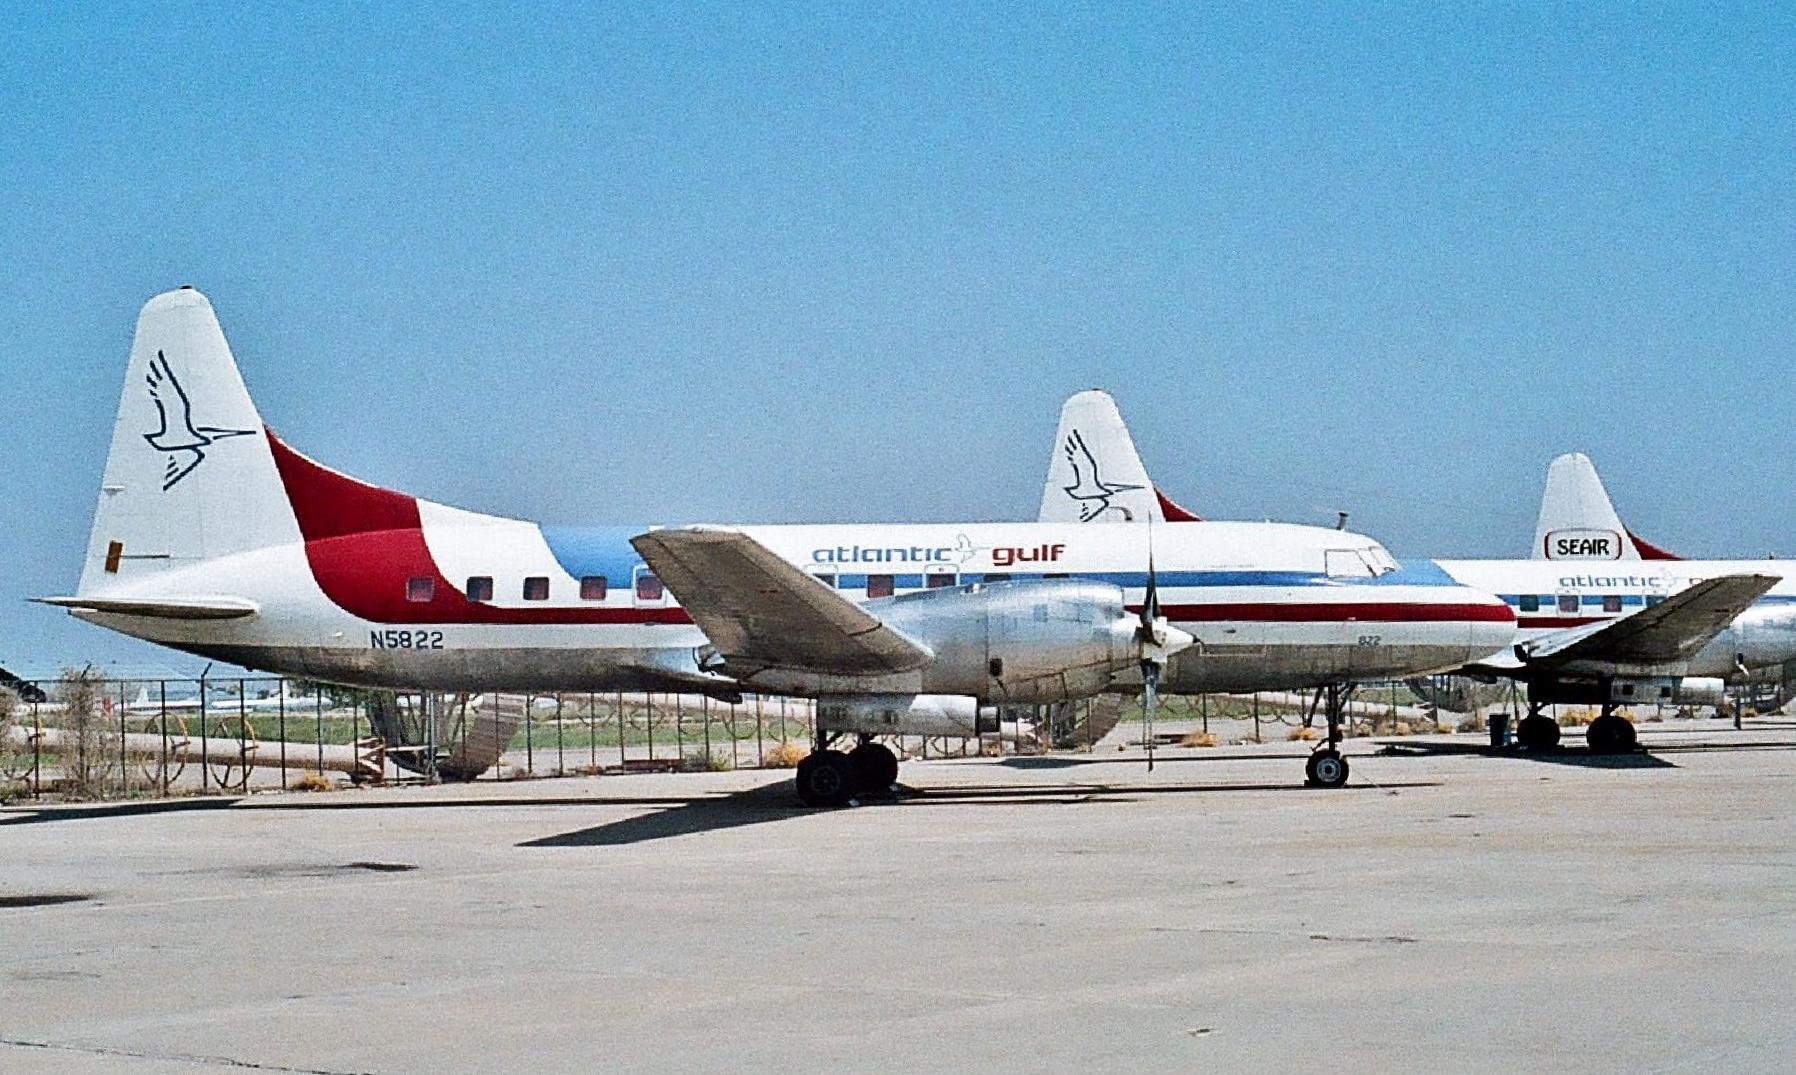 Atlantic Gulf Airlines - Wikipedia on abx air, everts air, cinnamon air, allegiant air, kiwi air, atlas air, horizon air, cape air,